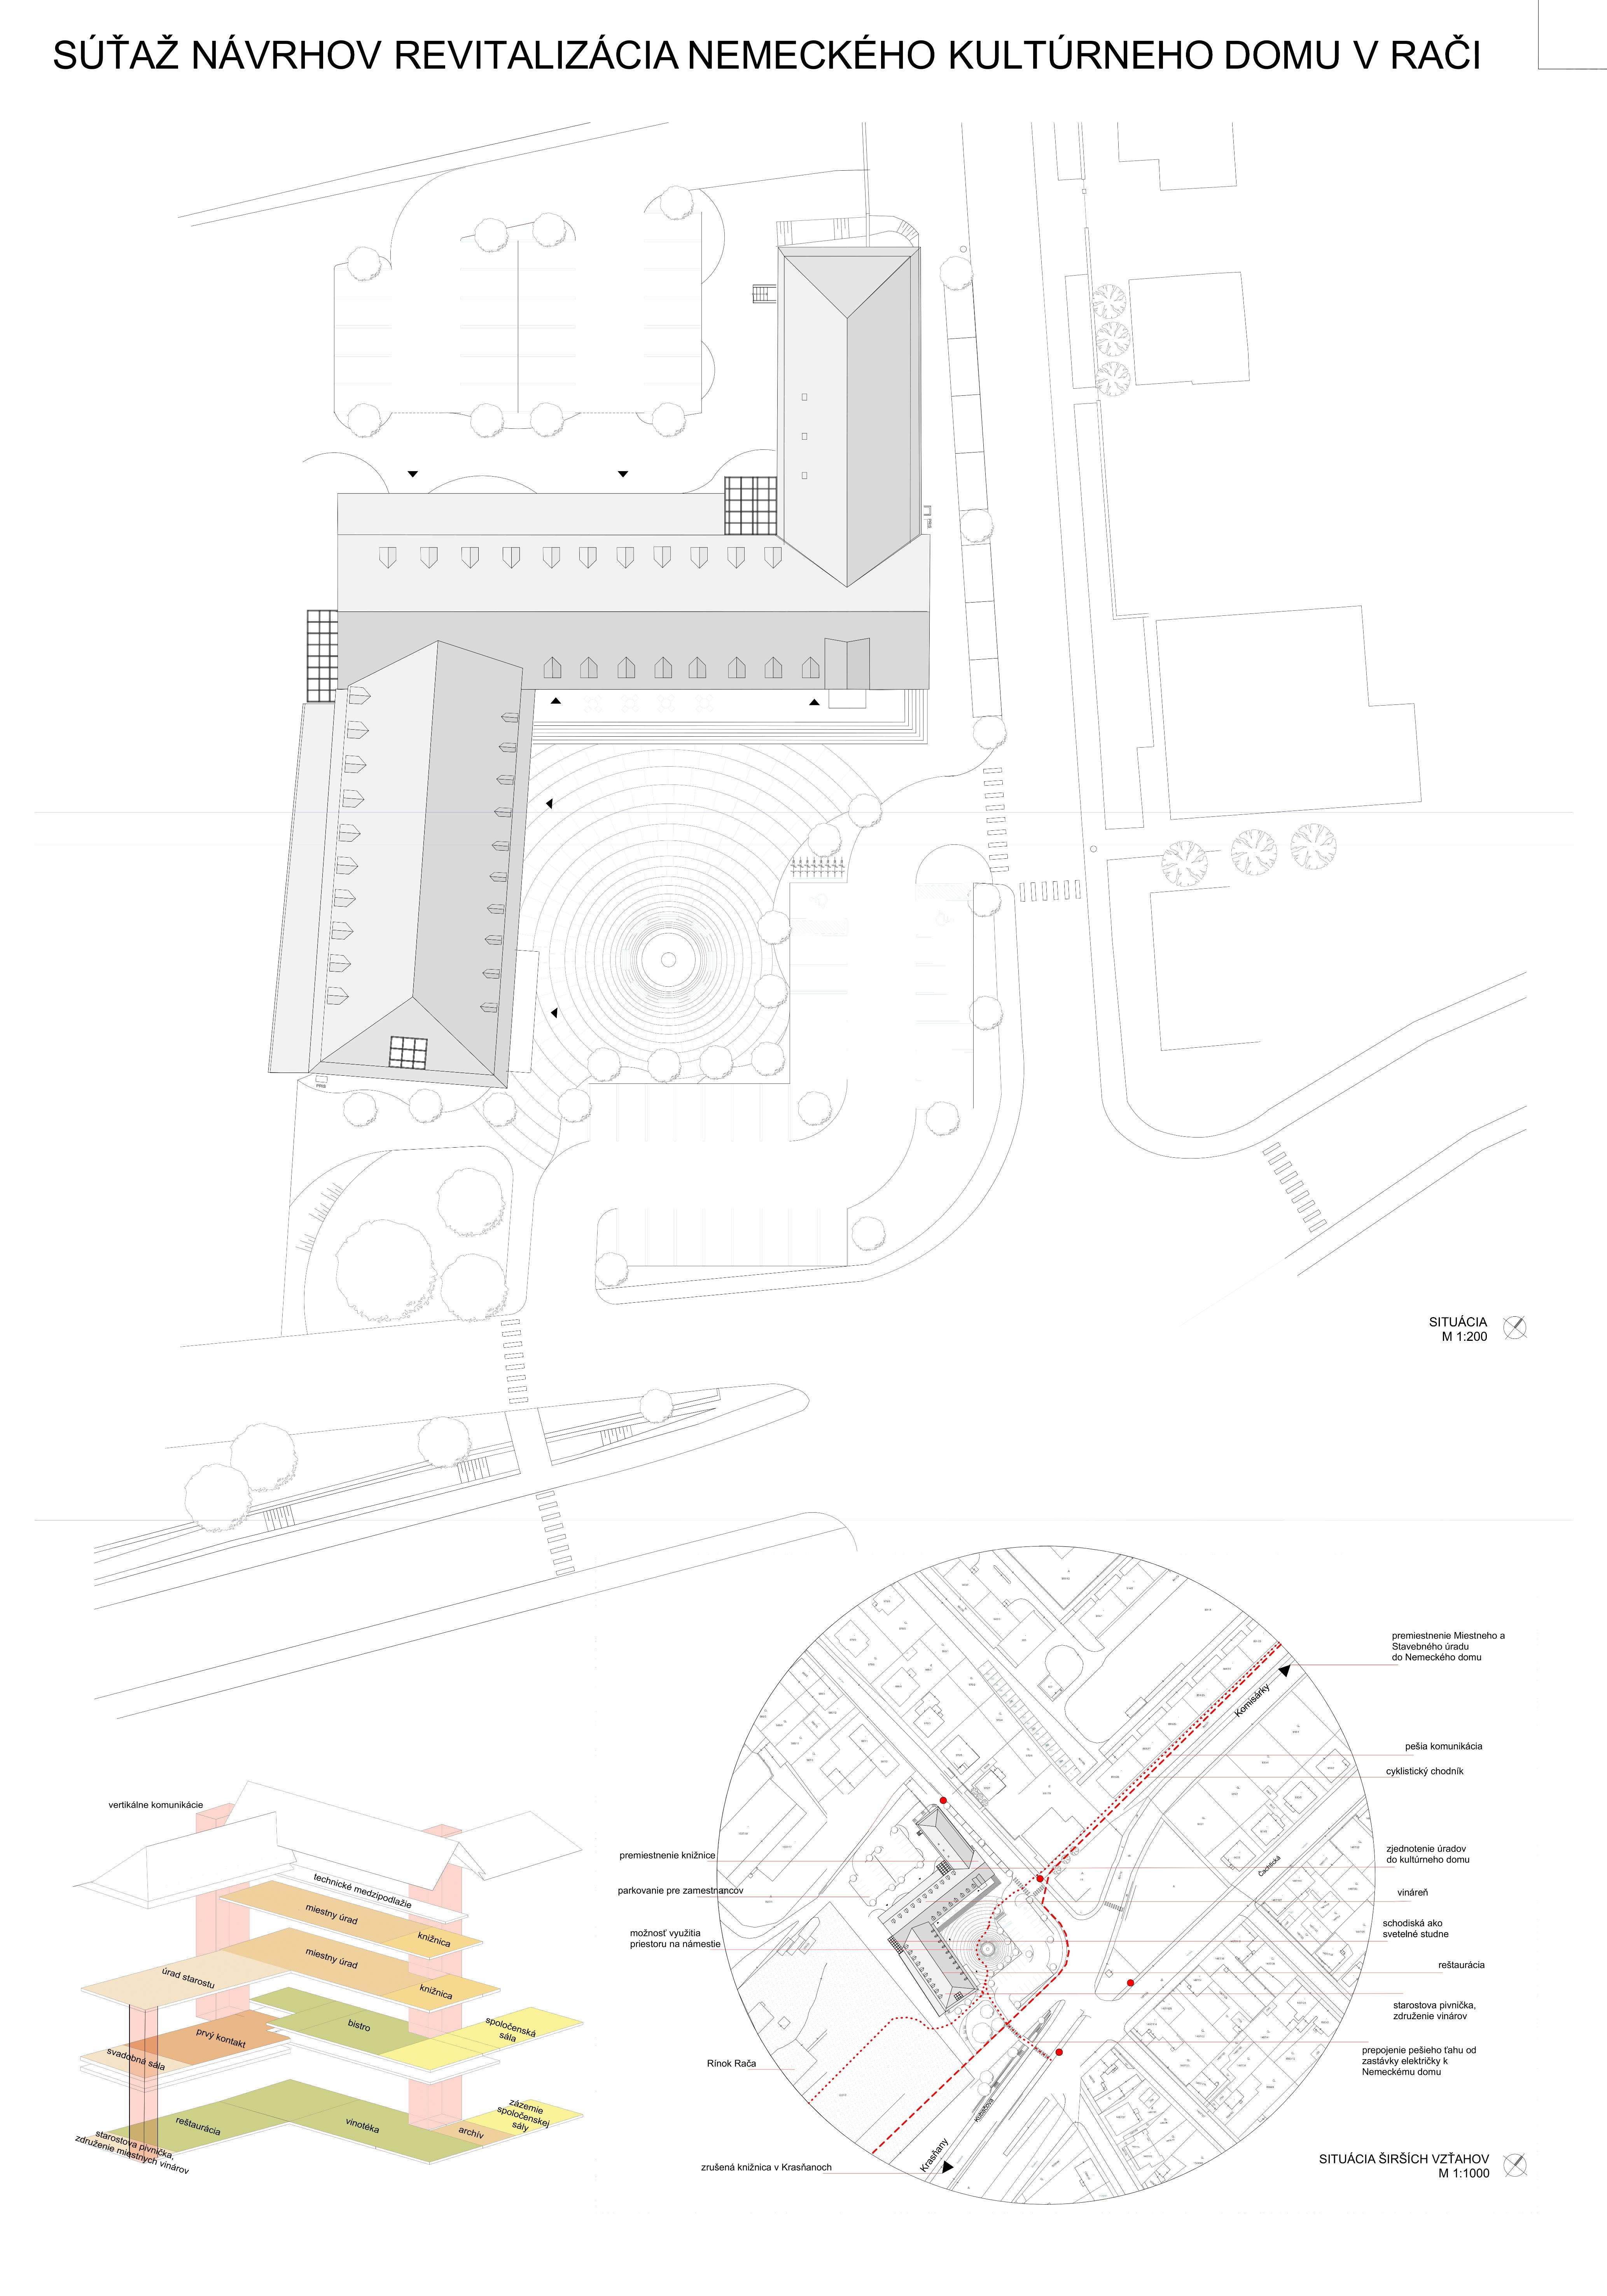 dd8406f36 Parkovisko je od pobytovej plochy námestia oddelené zeleňou. Námestie je  zariadené lavičkami, malým detským ihriskom, stojanmi na bicykle a verejným  ...